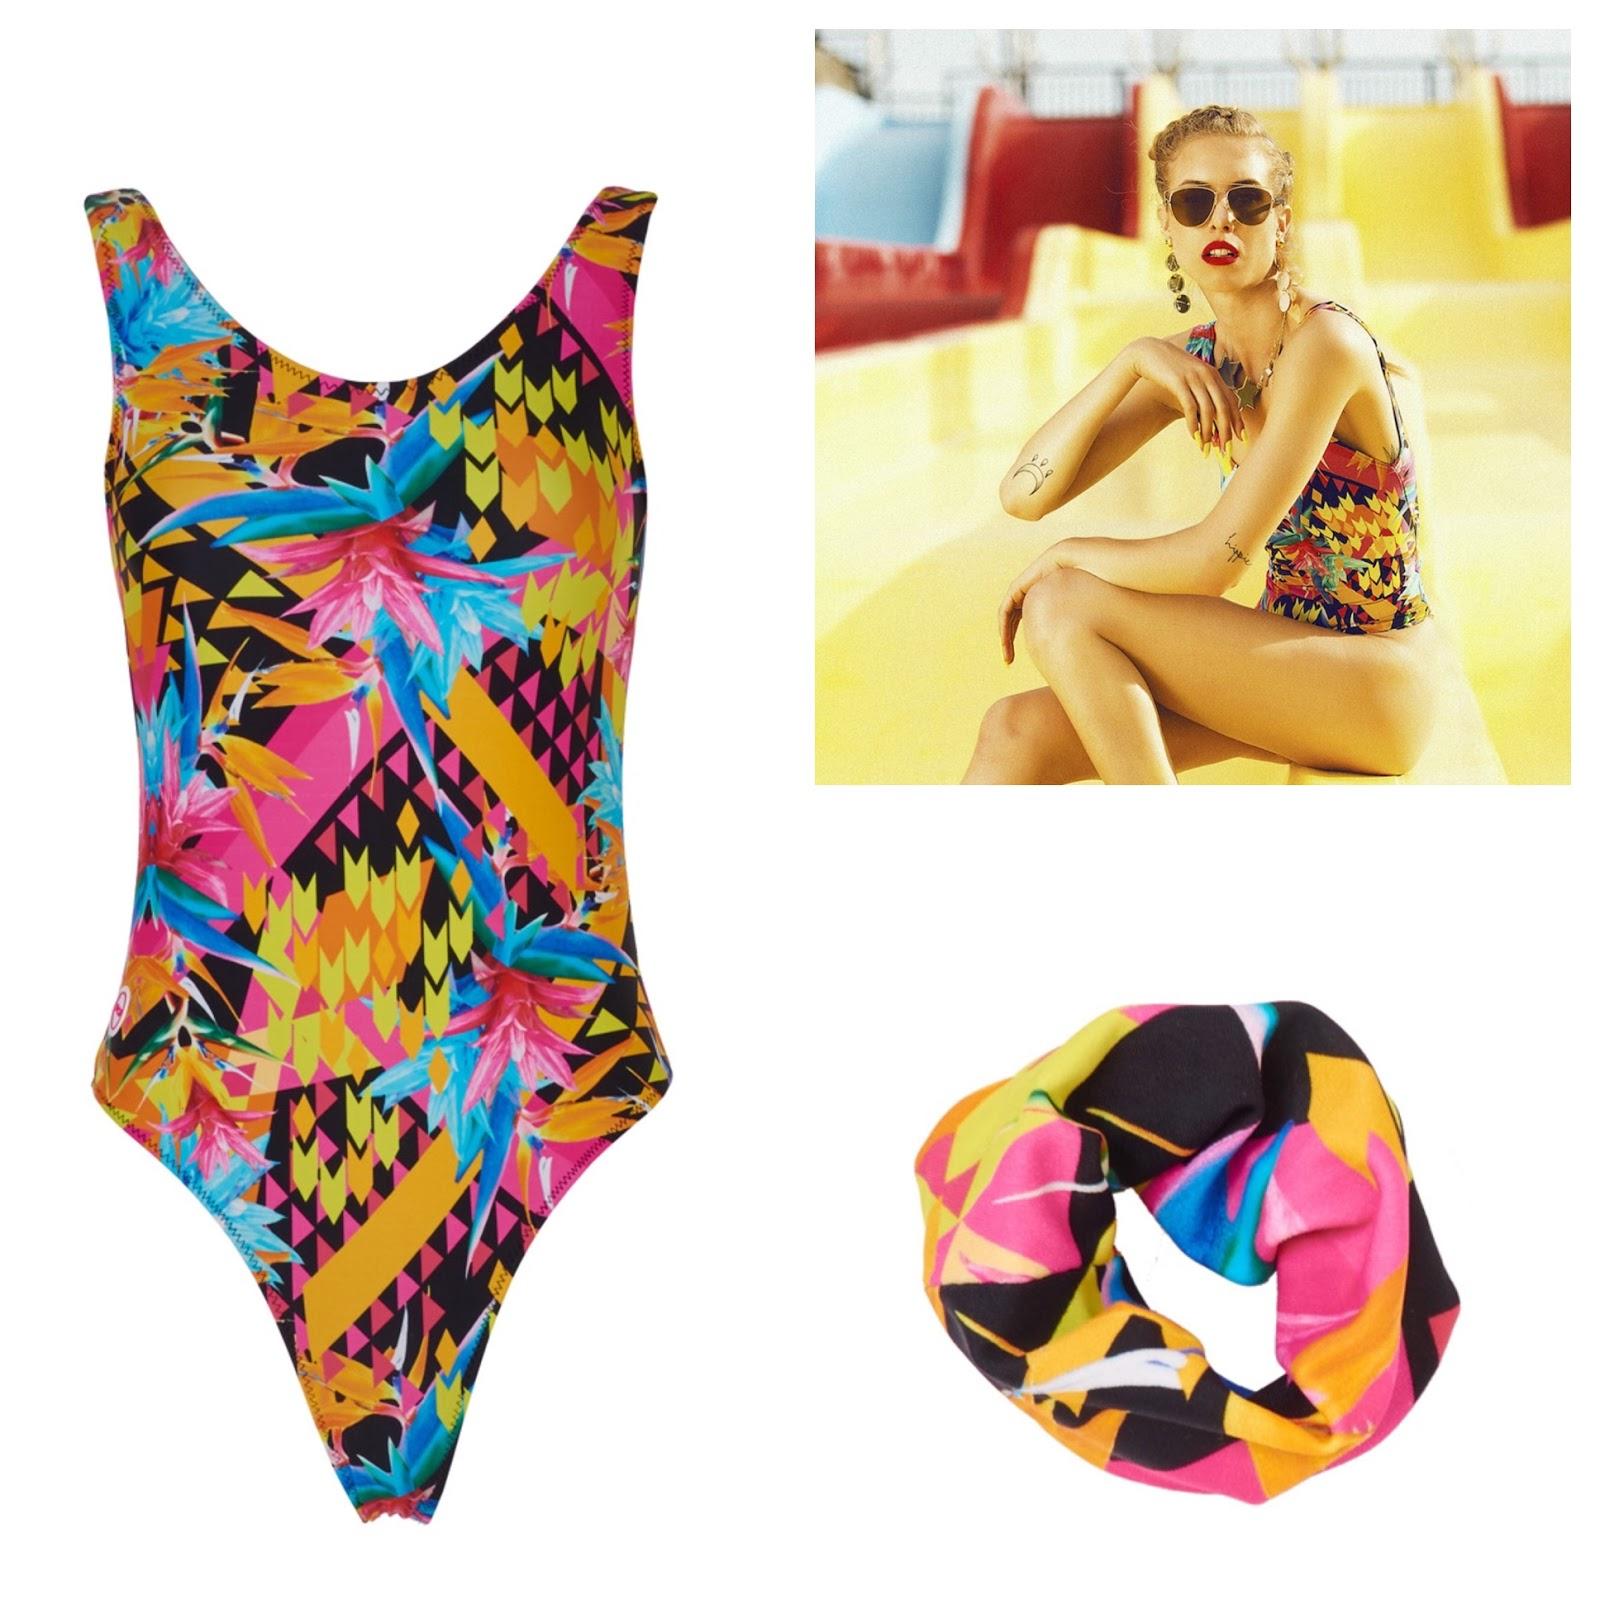 c2d9c86f5e63 The  Cosmic Love  Orange Printed Swimsuit